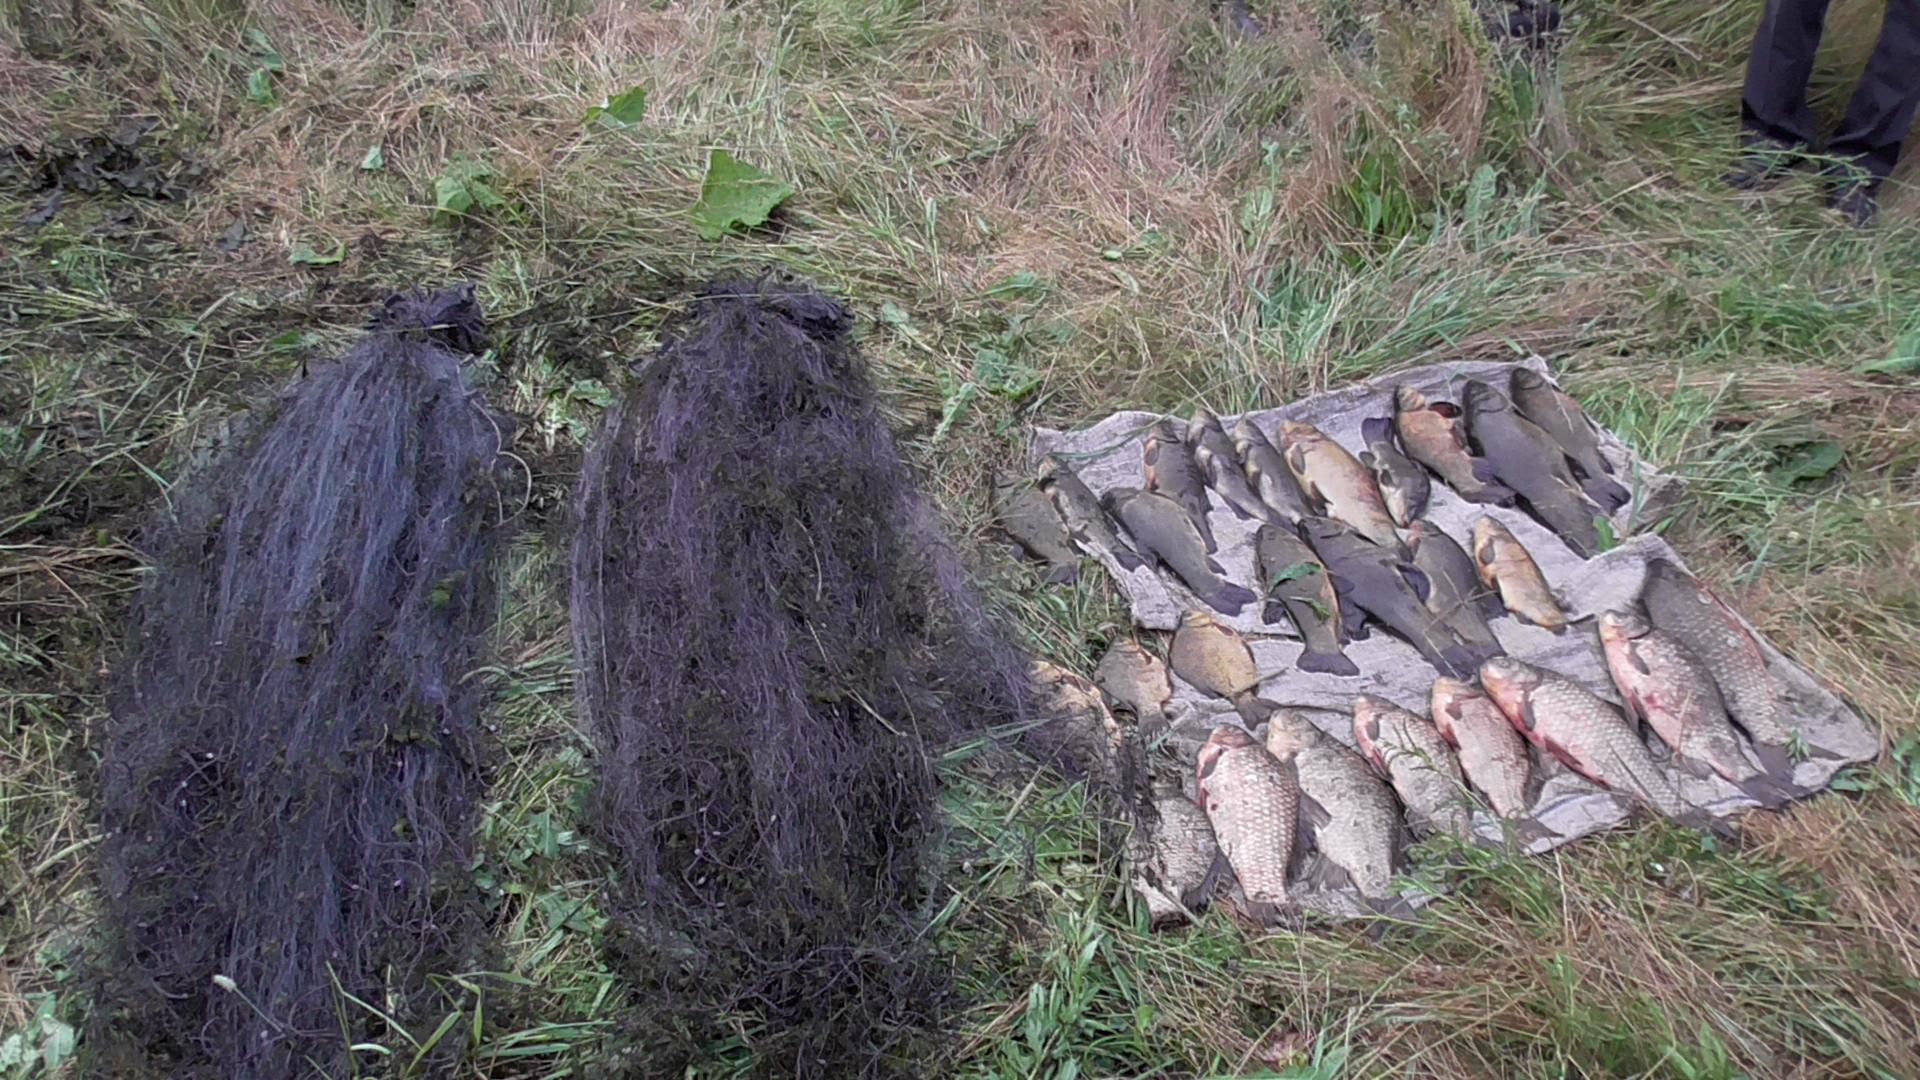 В Шарковщинском районе задержали браконьера, который незаконно наловил рыбы на 2400 рублей, фото-2